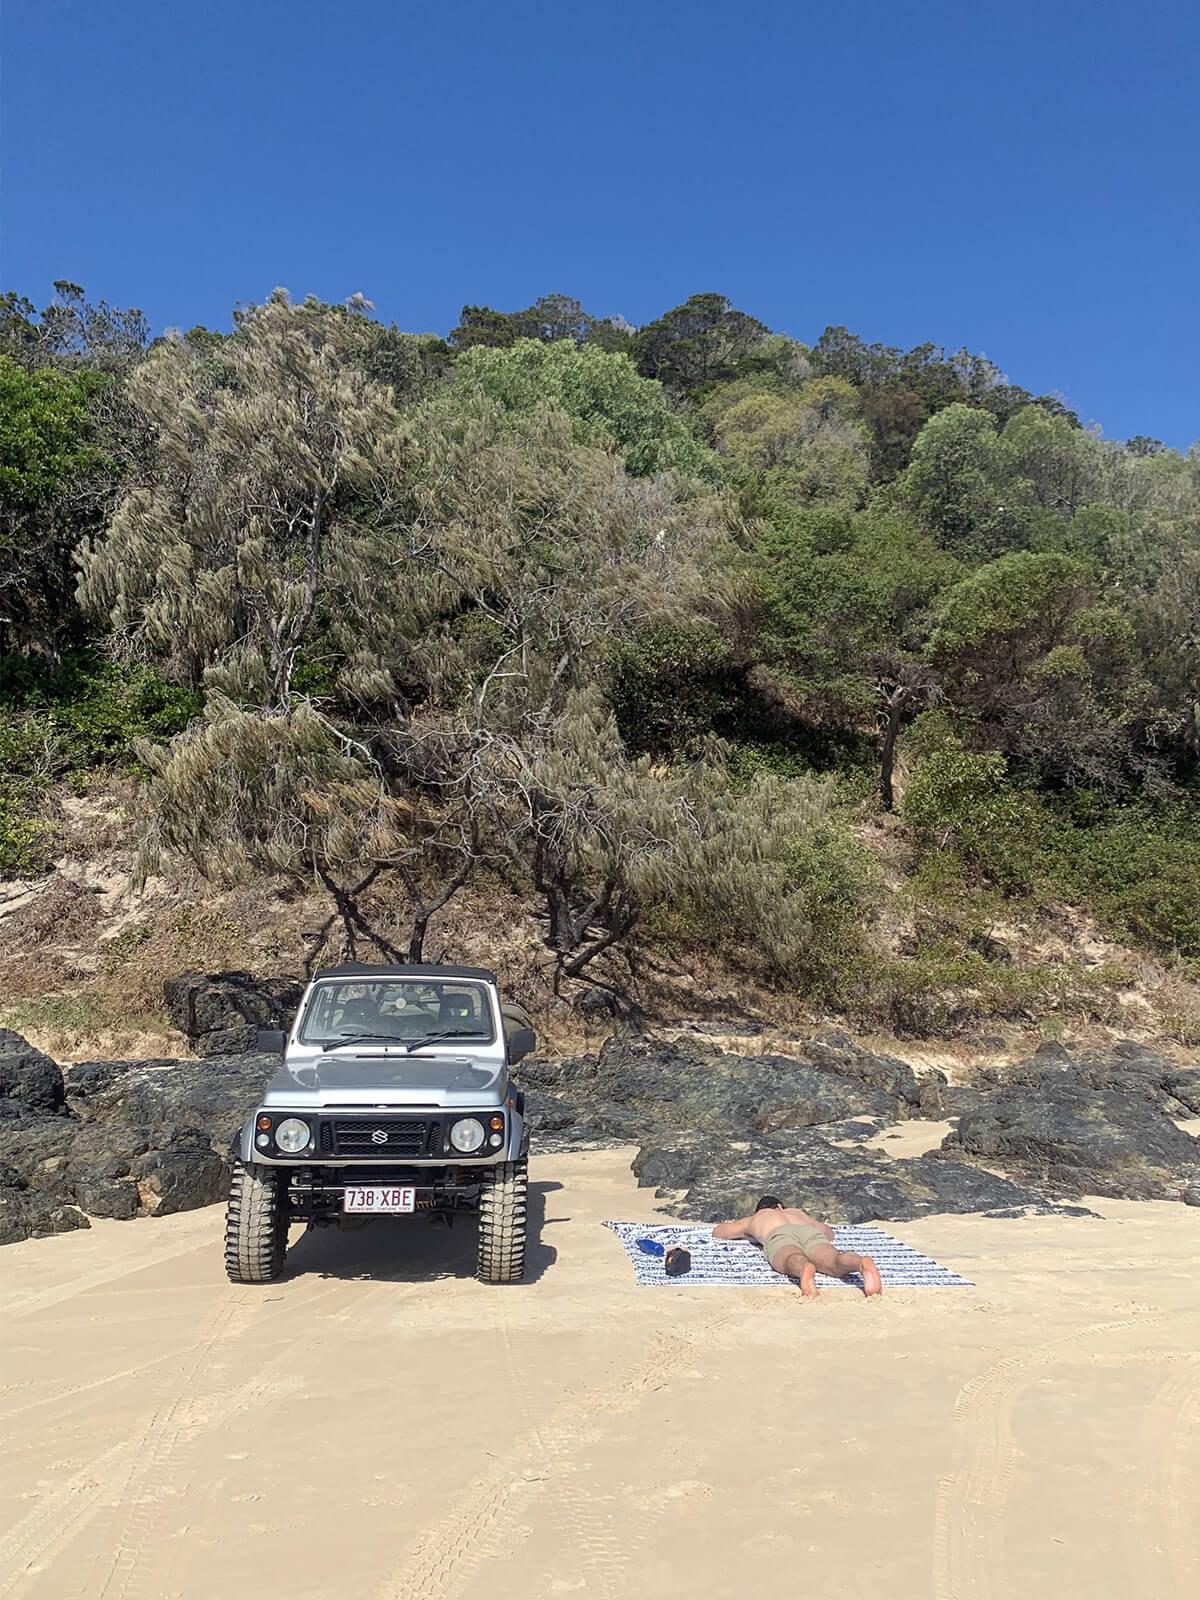 Beach 4x4 wheeling - Suzuki Sierra